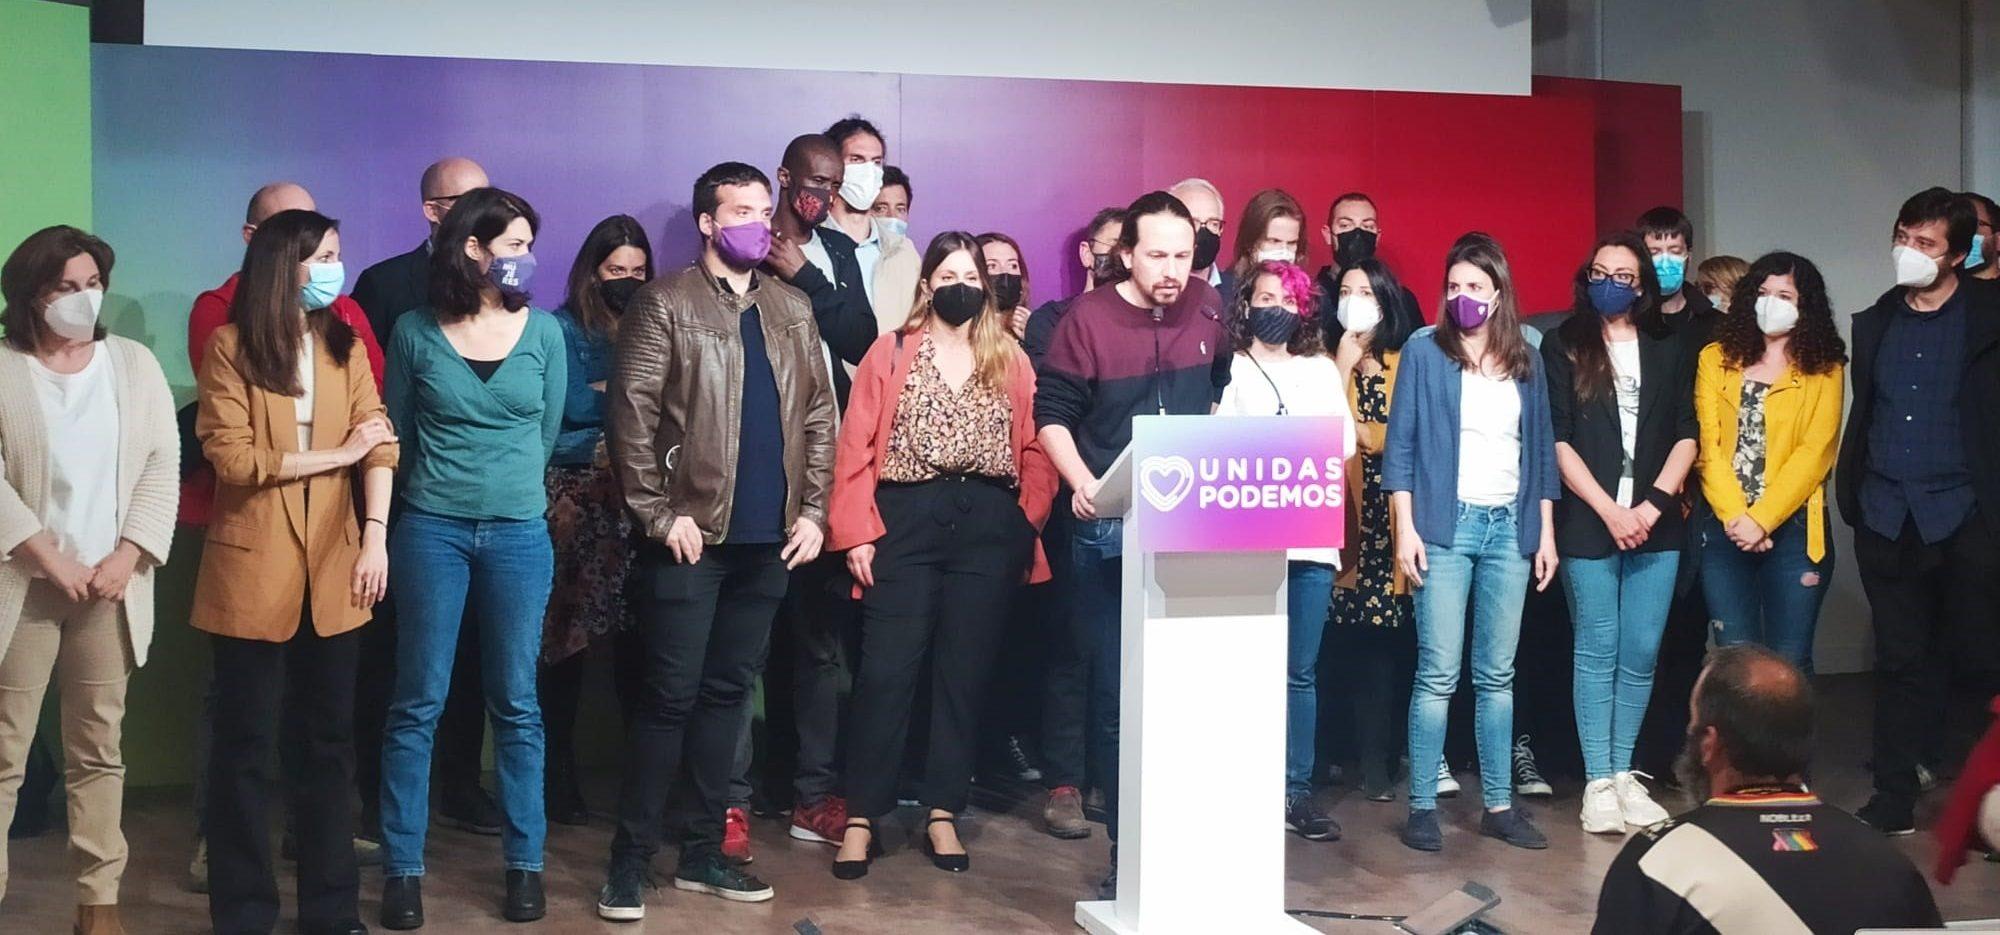 Pablo Iglesias anunciant que plega després de les eleccions autonòmiques de Madrid / Europa Press